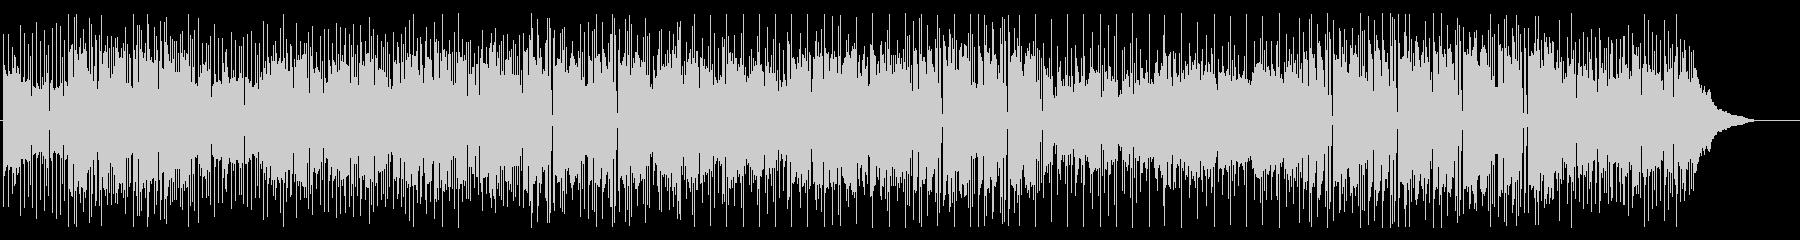 フルートメイン ポップなバンドサウンドの未再生の波形